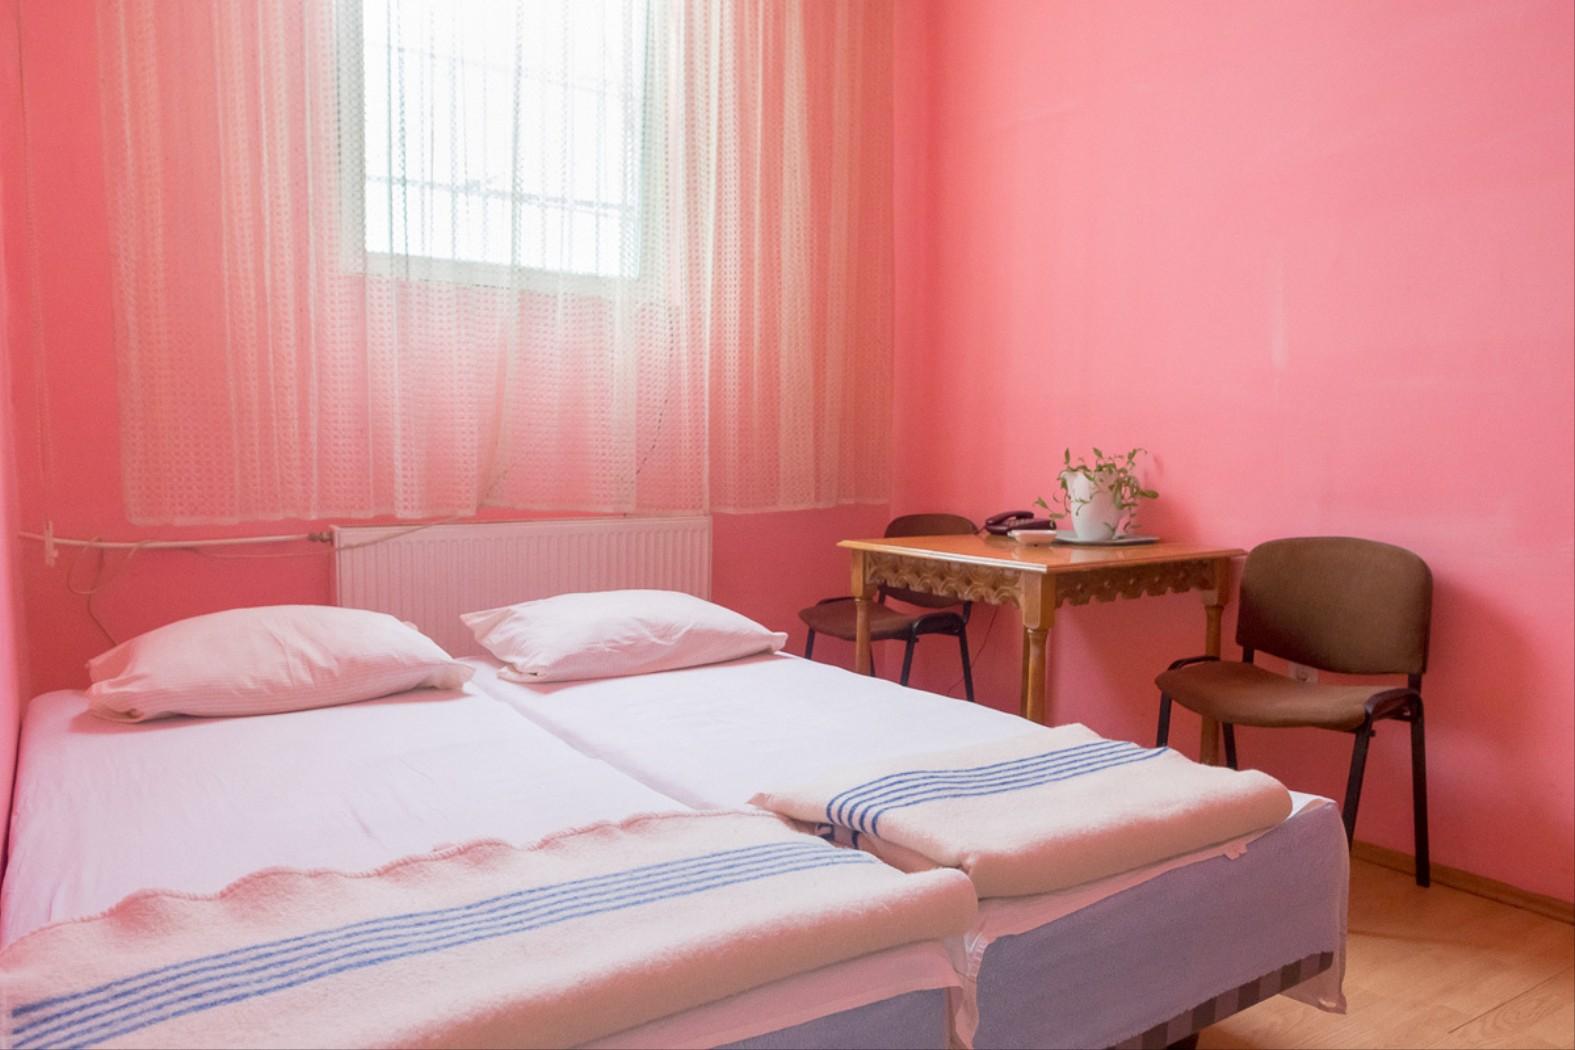 Camera intimă, il progetto fotografico di Cosmin Bumbuţ | Collater.al